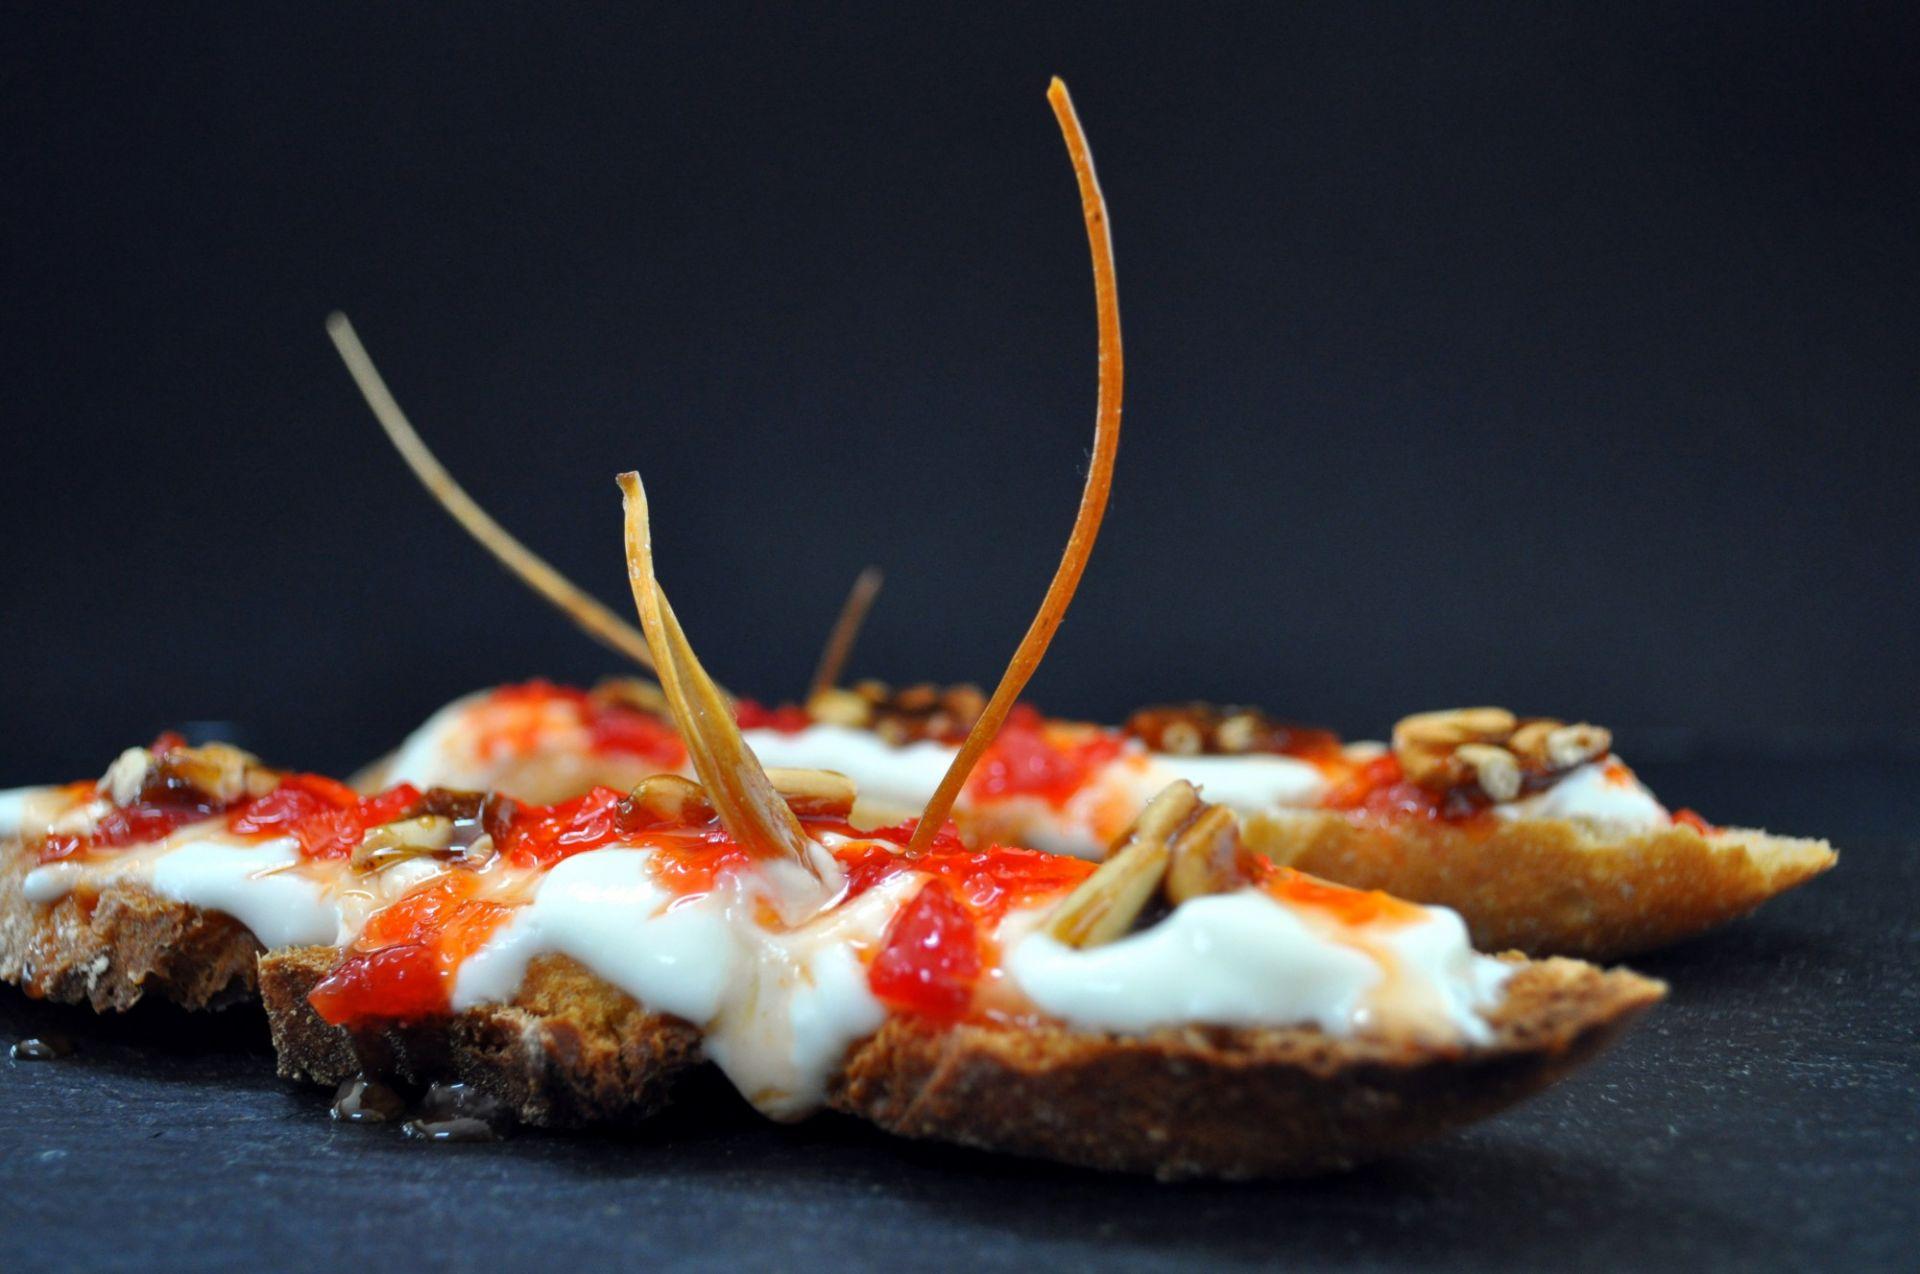 Torradeta de pa farro amb iogurt de La Fageda, melmelada de pebrot vermell i caramel de pinyons